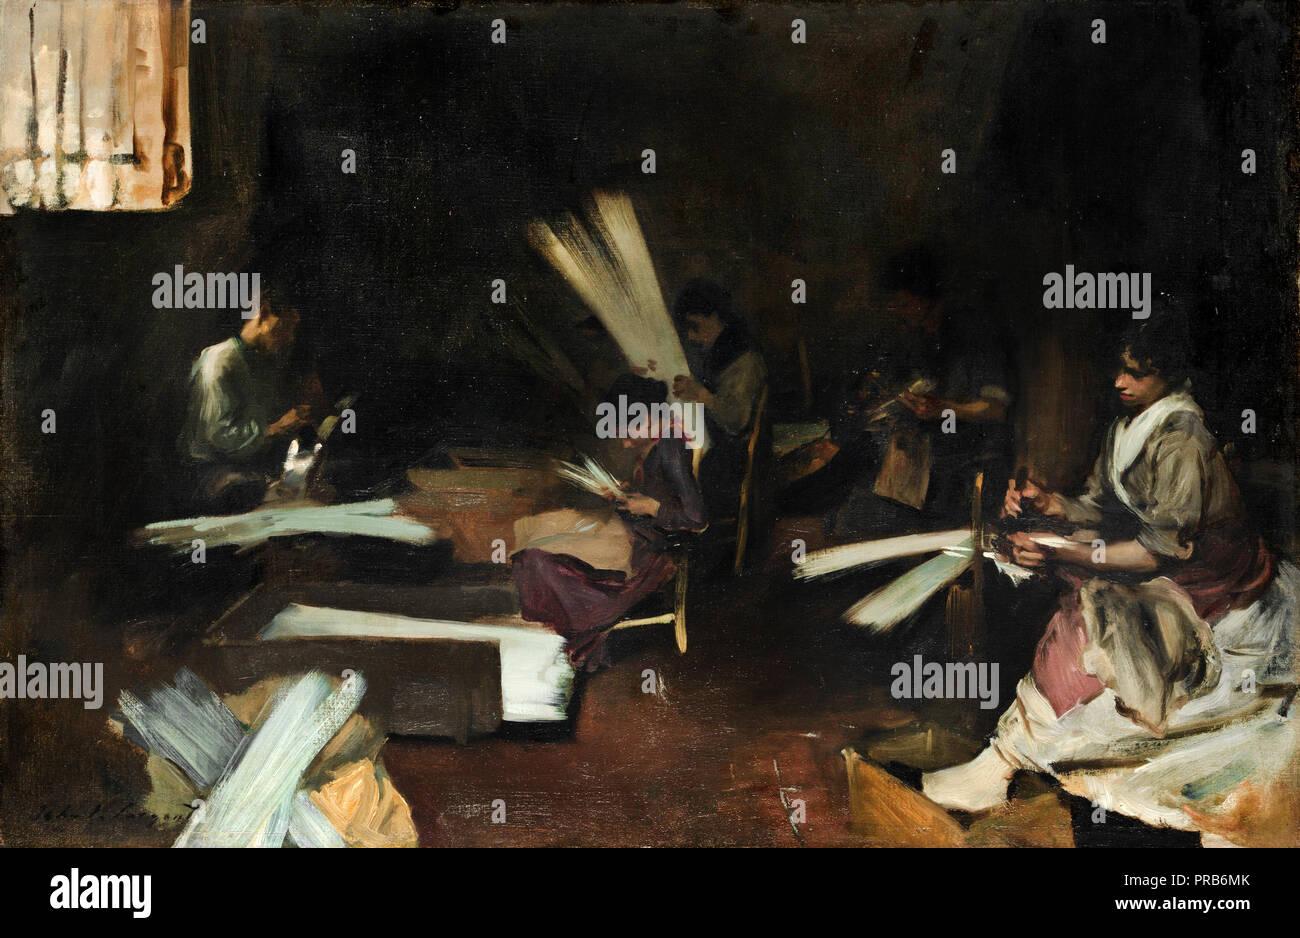 John Singer Sargent, vetro veneziano lavoratori, circa 1880-1882, olio su tela, Art Institute of Chicago, Stati Uniti d'America. Immagini Stock